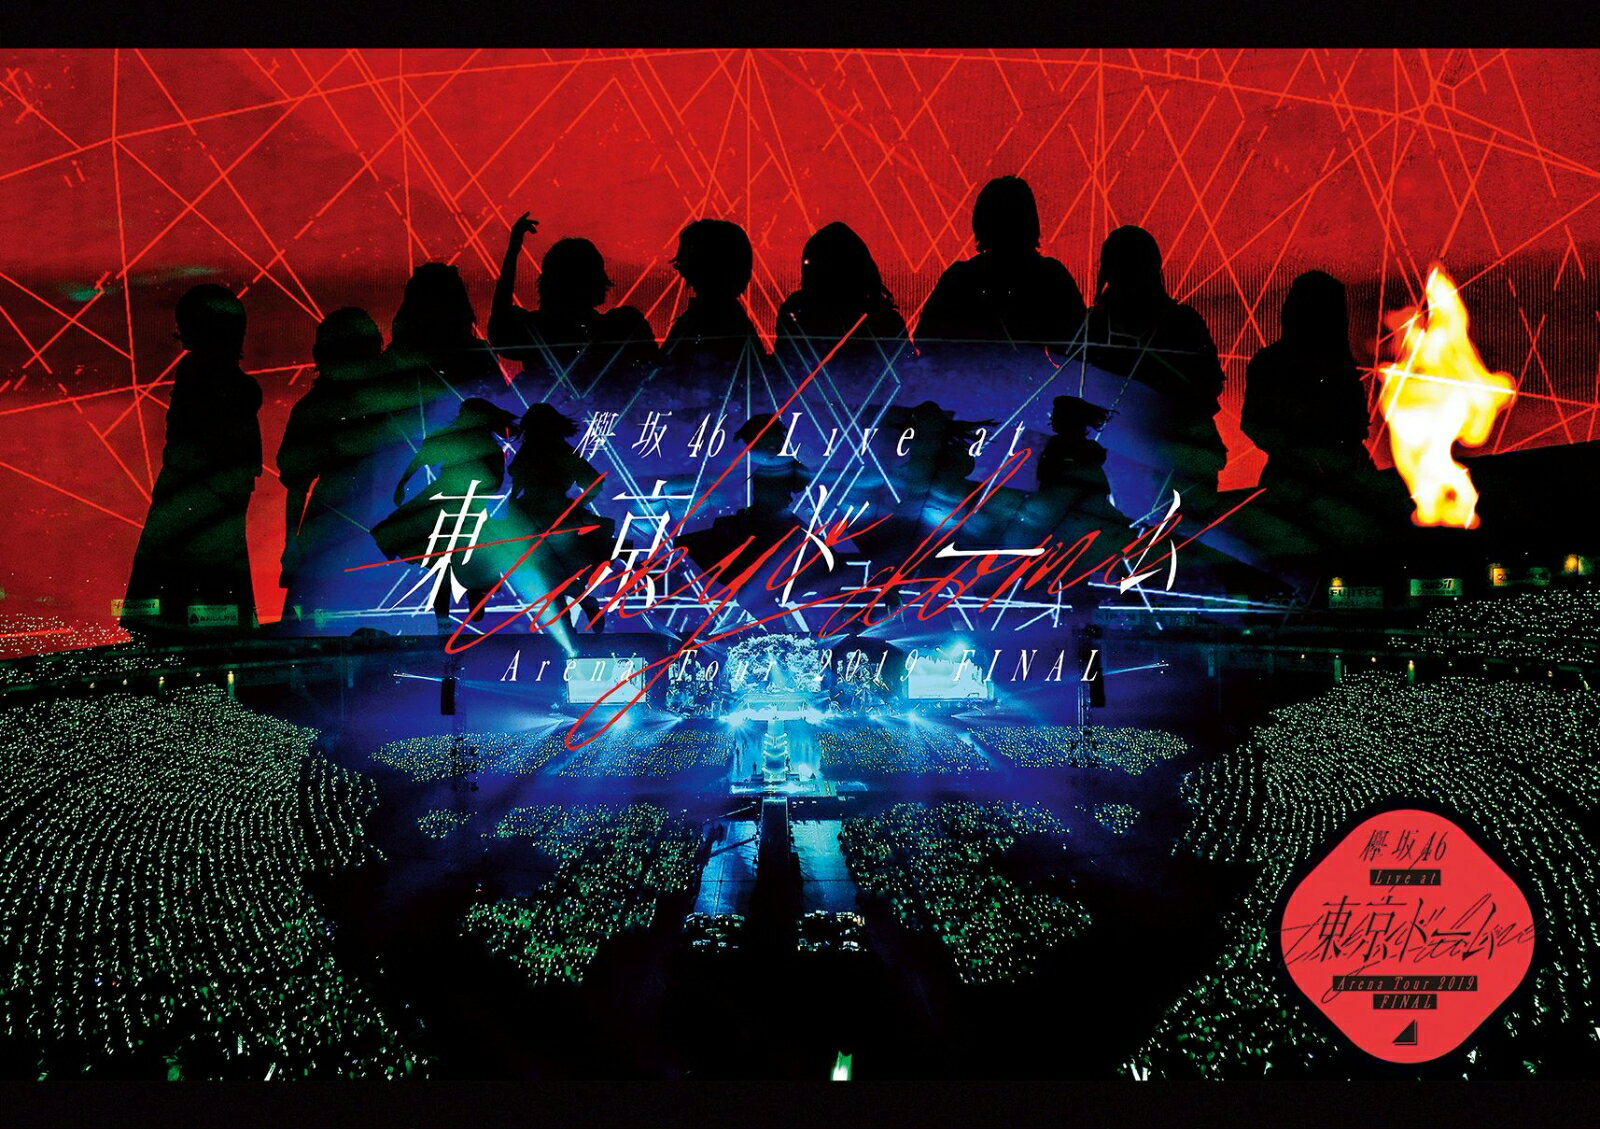 欅坂46 LIVE at 東京ドーム ~ARENA TOUR 2019 FINAL~(通常盤)【Blu-ray】